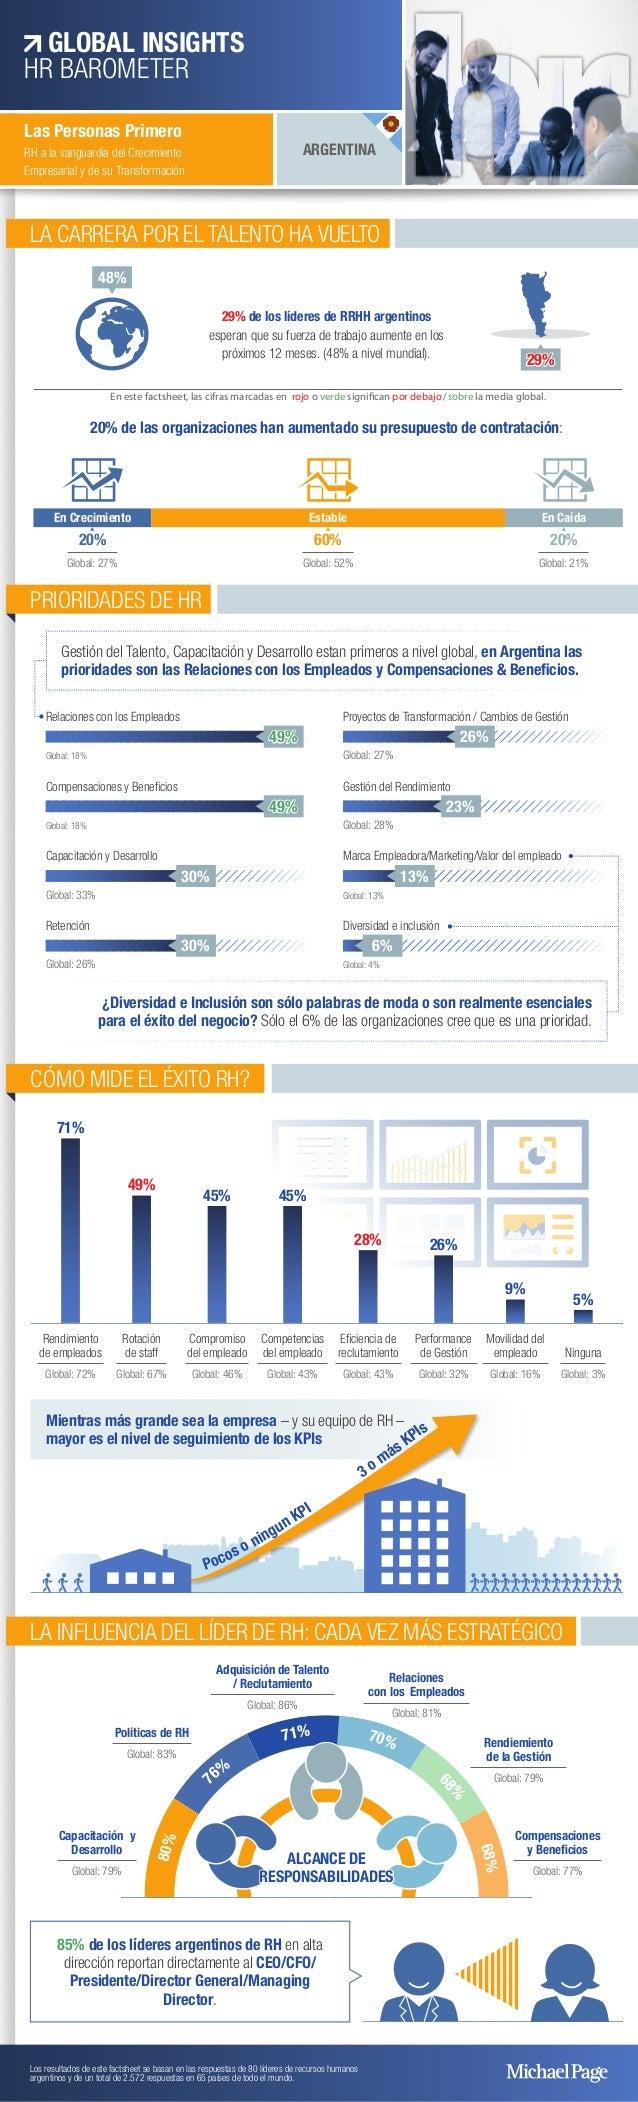 LA CARRERA POR EL TALENTO HA VUELTO 29% de los líderes de RRHH argentinos esperan que su fuerza de trabajo aumente en los ...